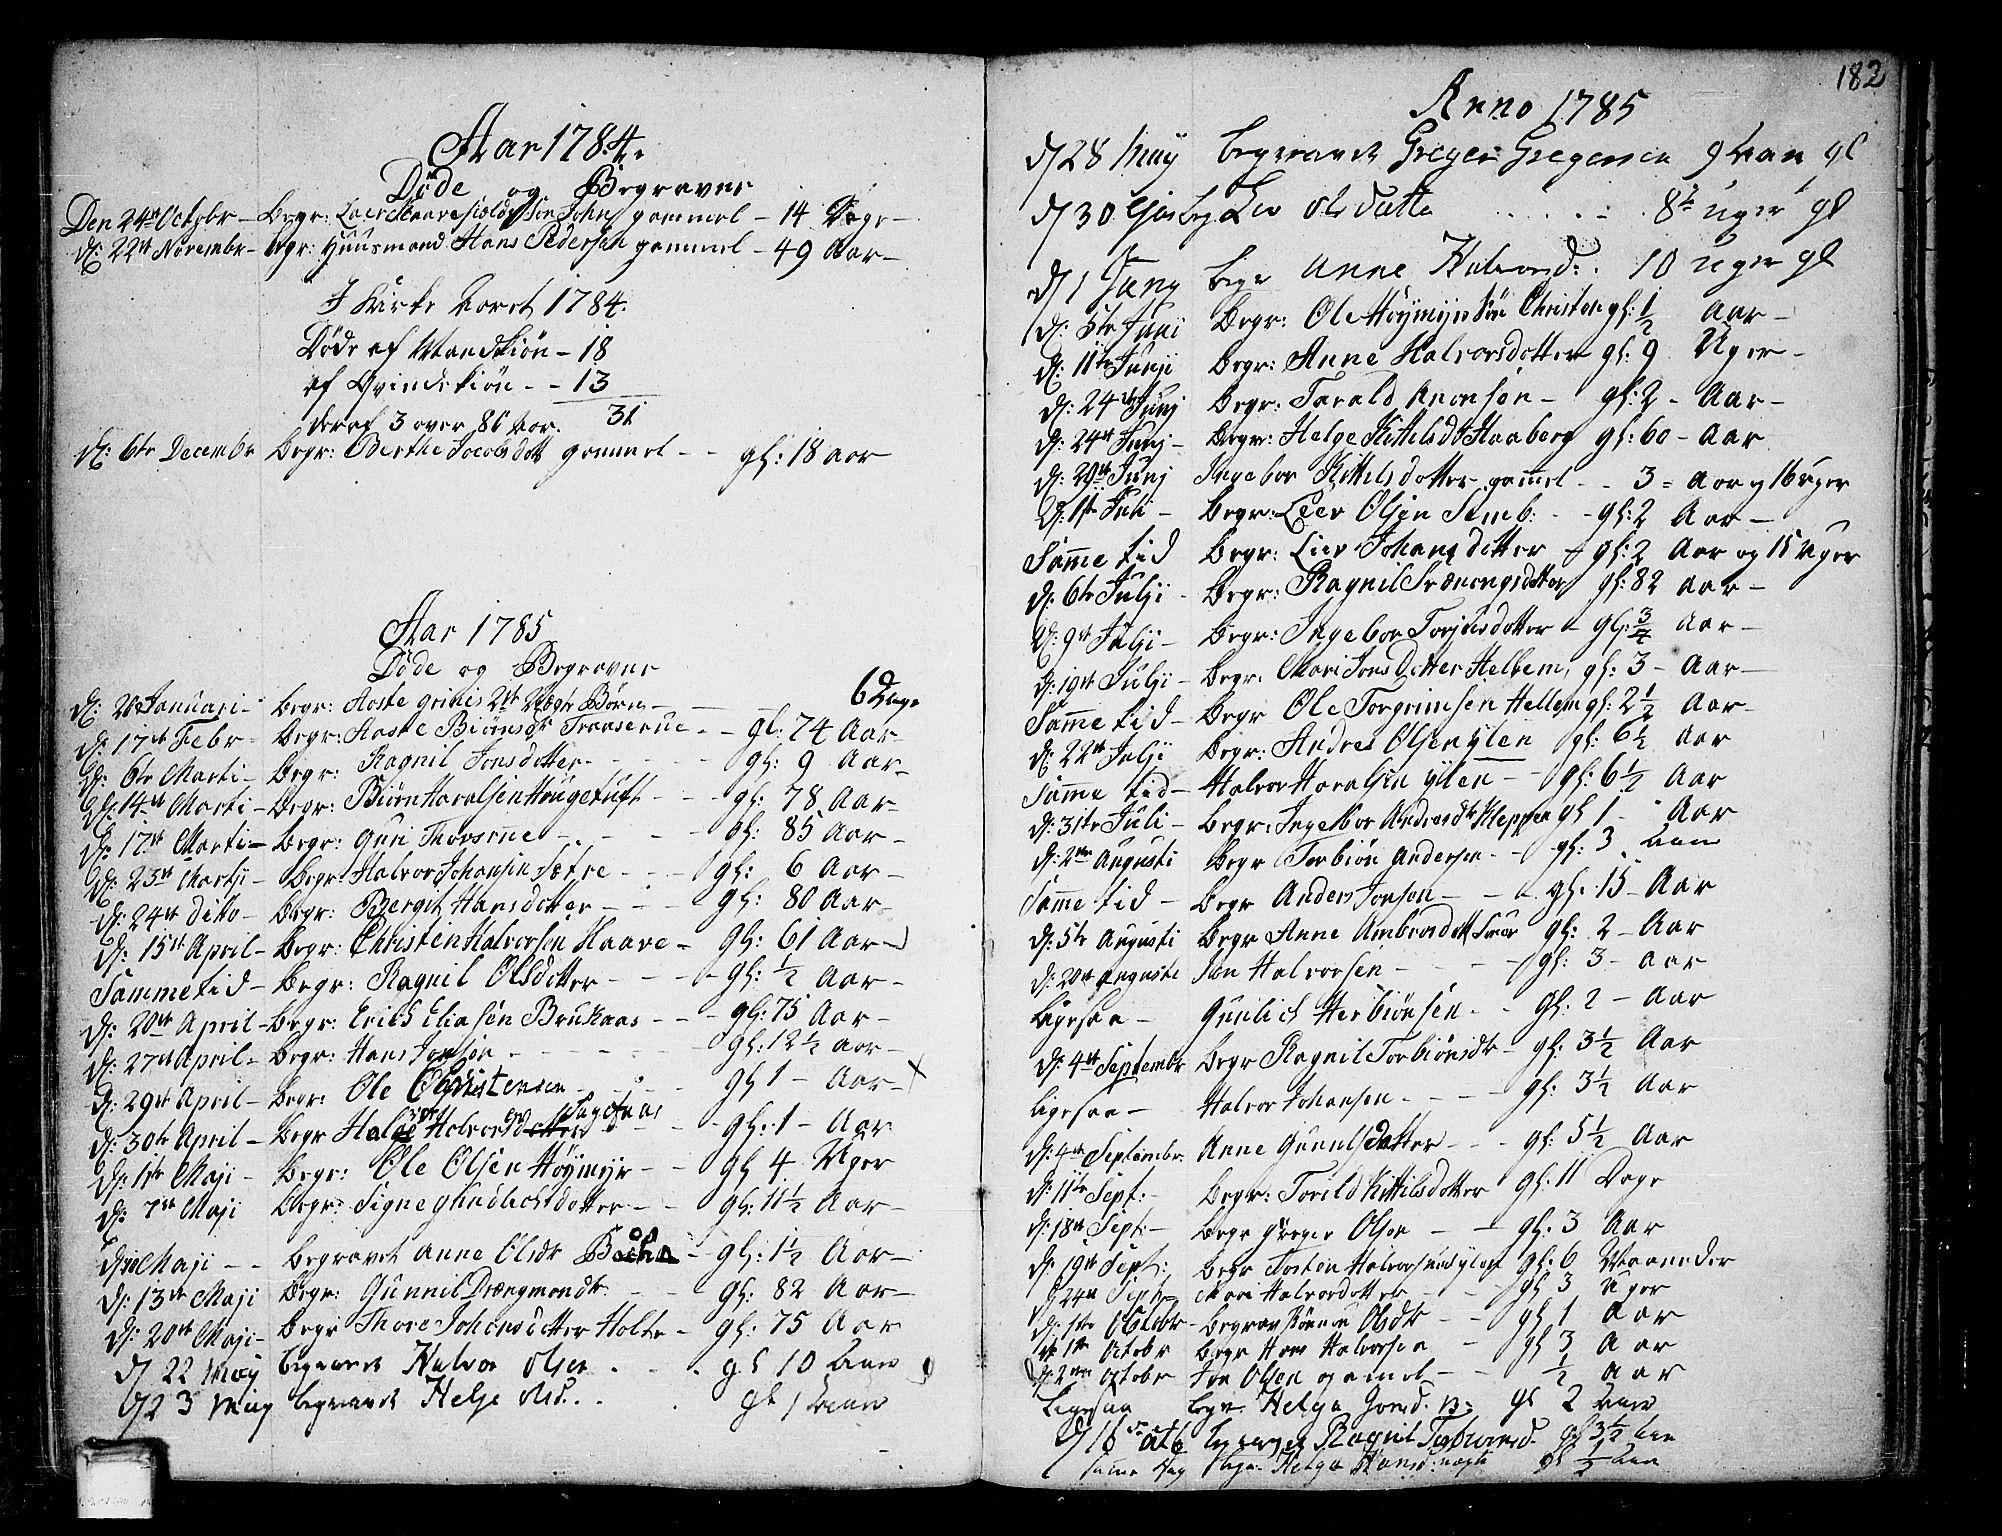 SAKO, Heddal kirkebøker, F/Fa/L0004: Ministerialbok nr. I 4, 1784-1814, s. 182